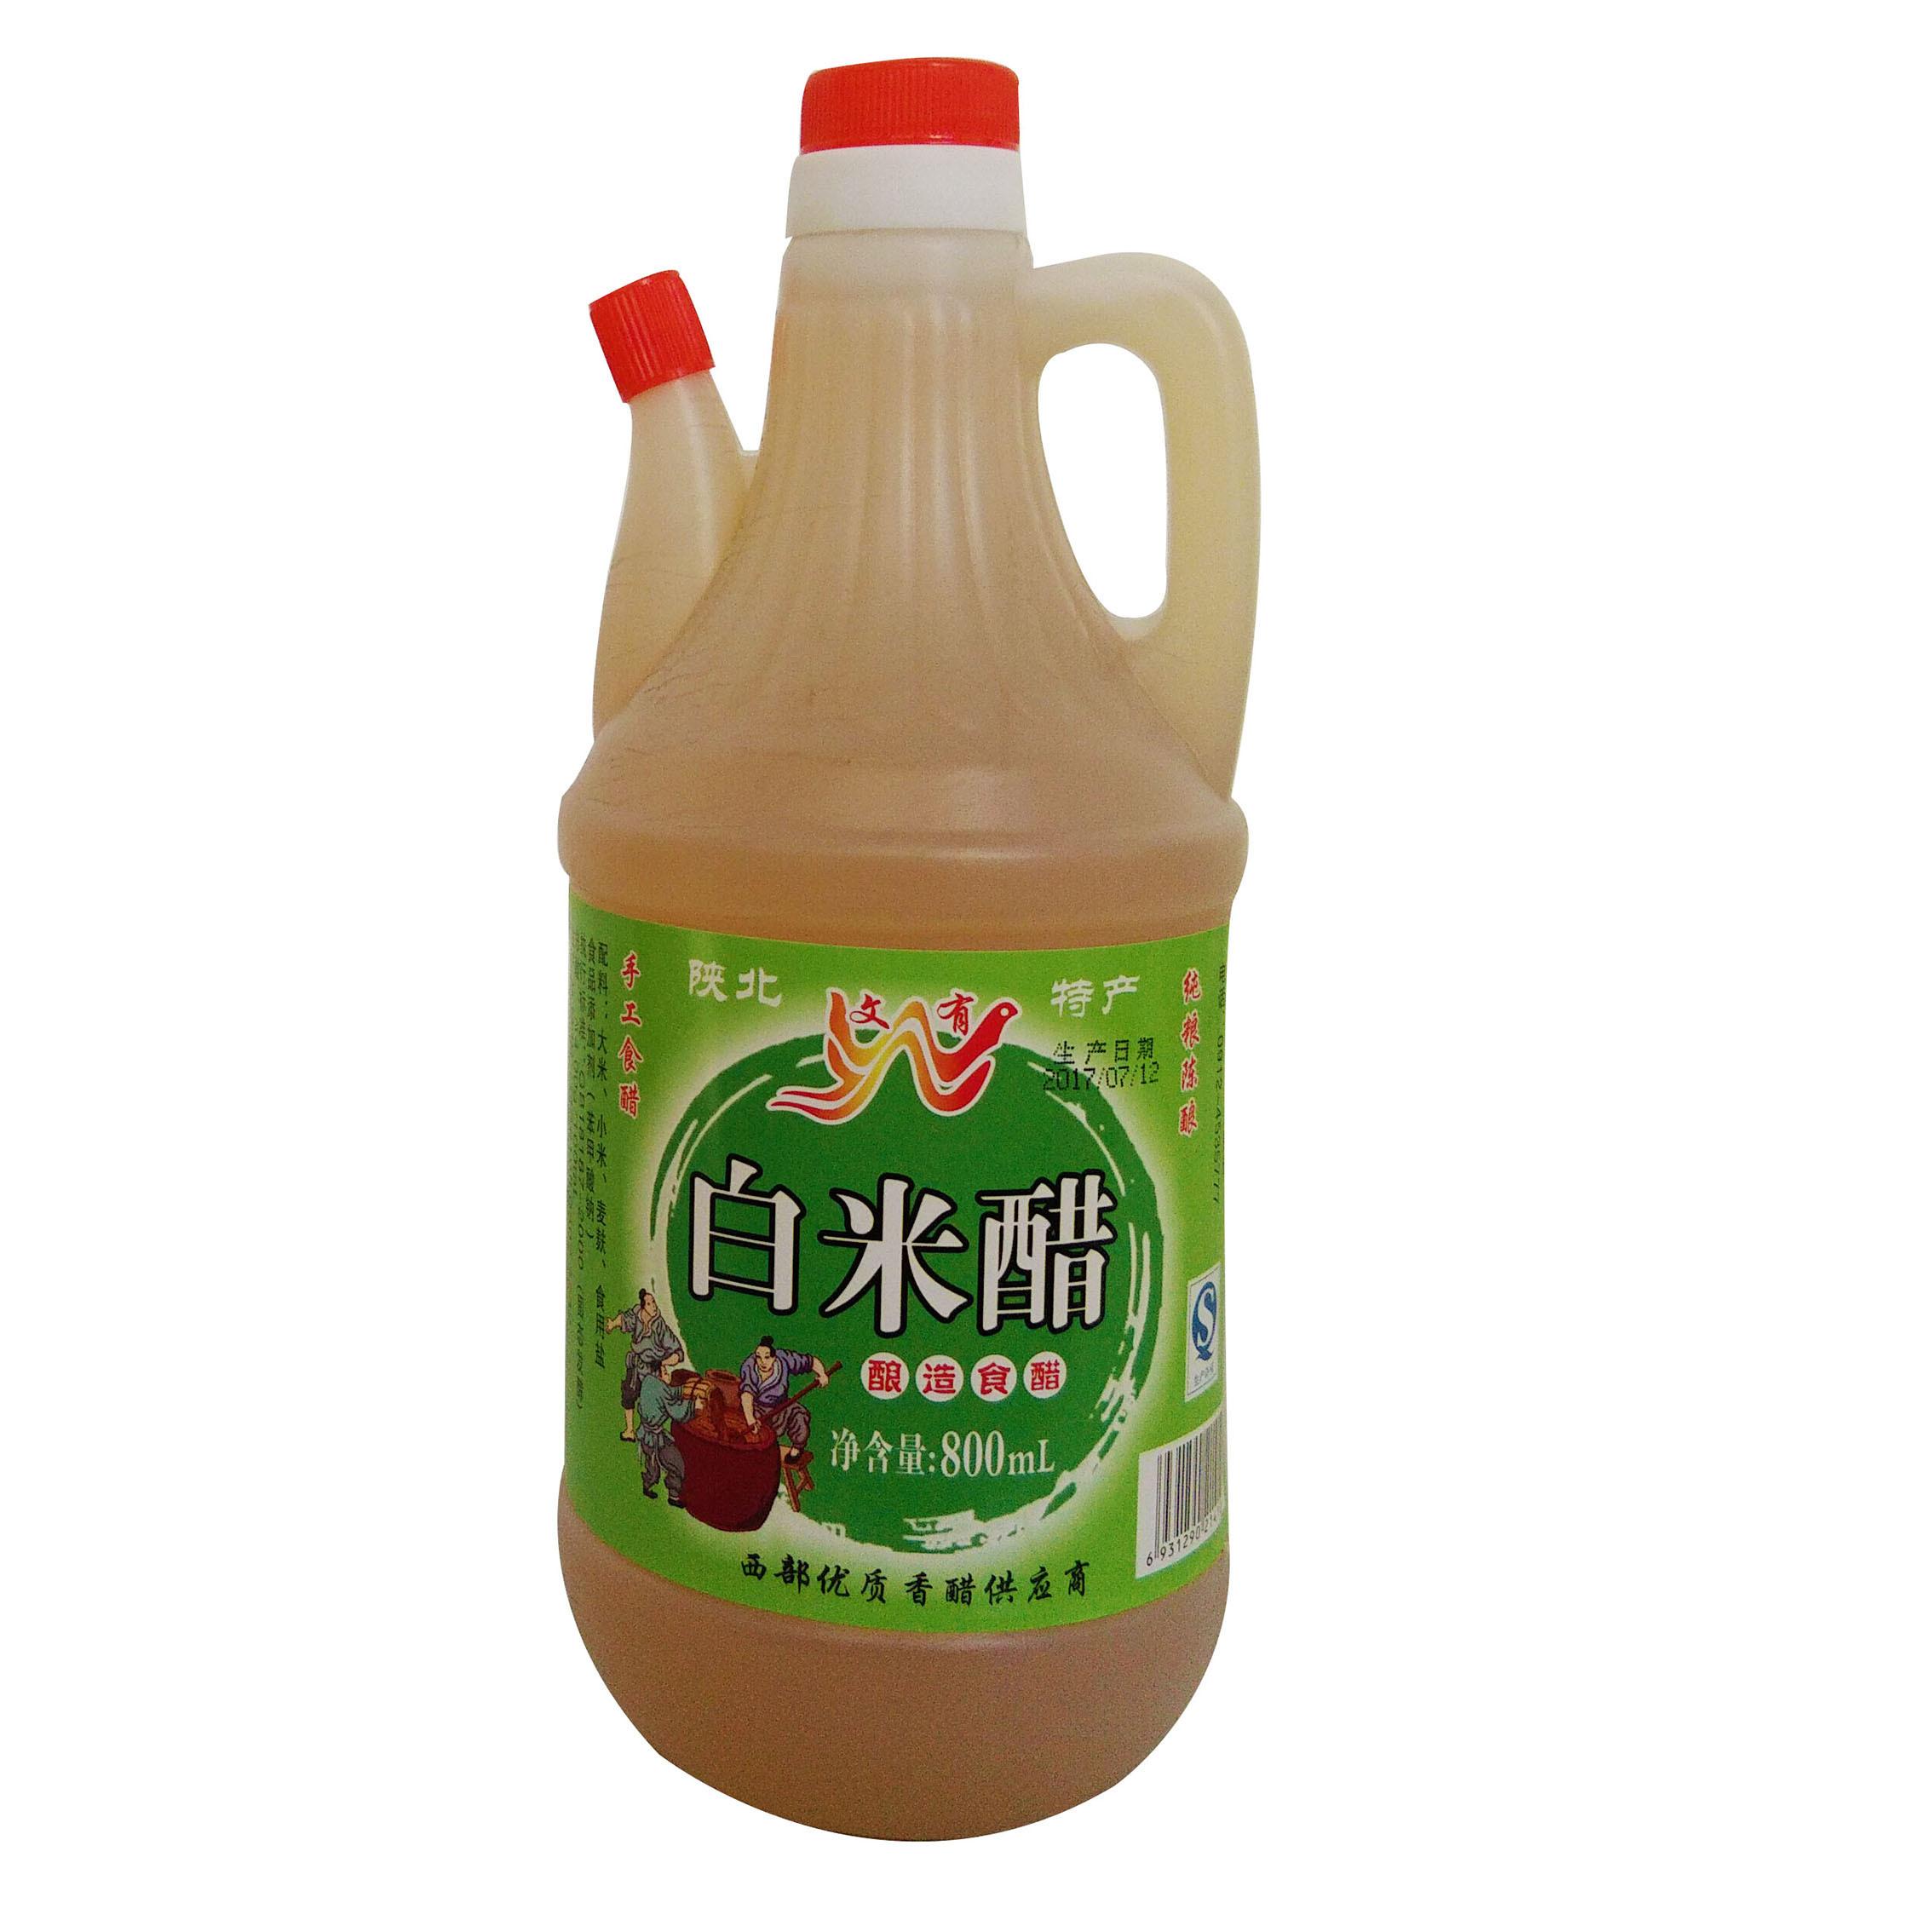 白米醋,800ml,杀菌消毒,美容养颜,软化血管,消食解腻,文有白米醋